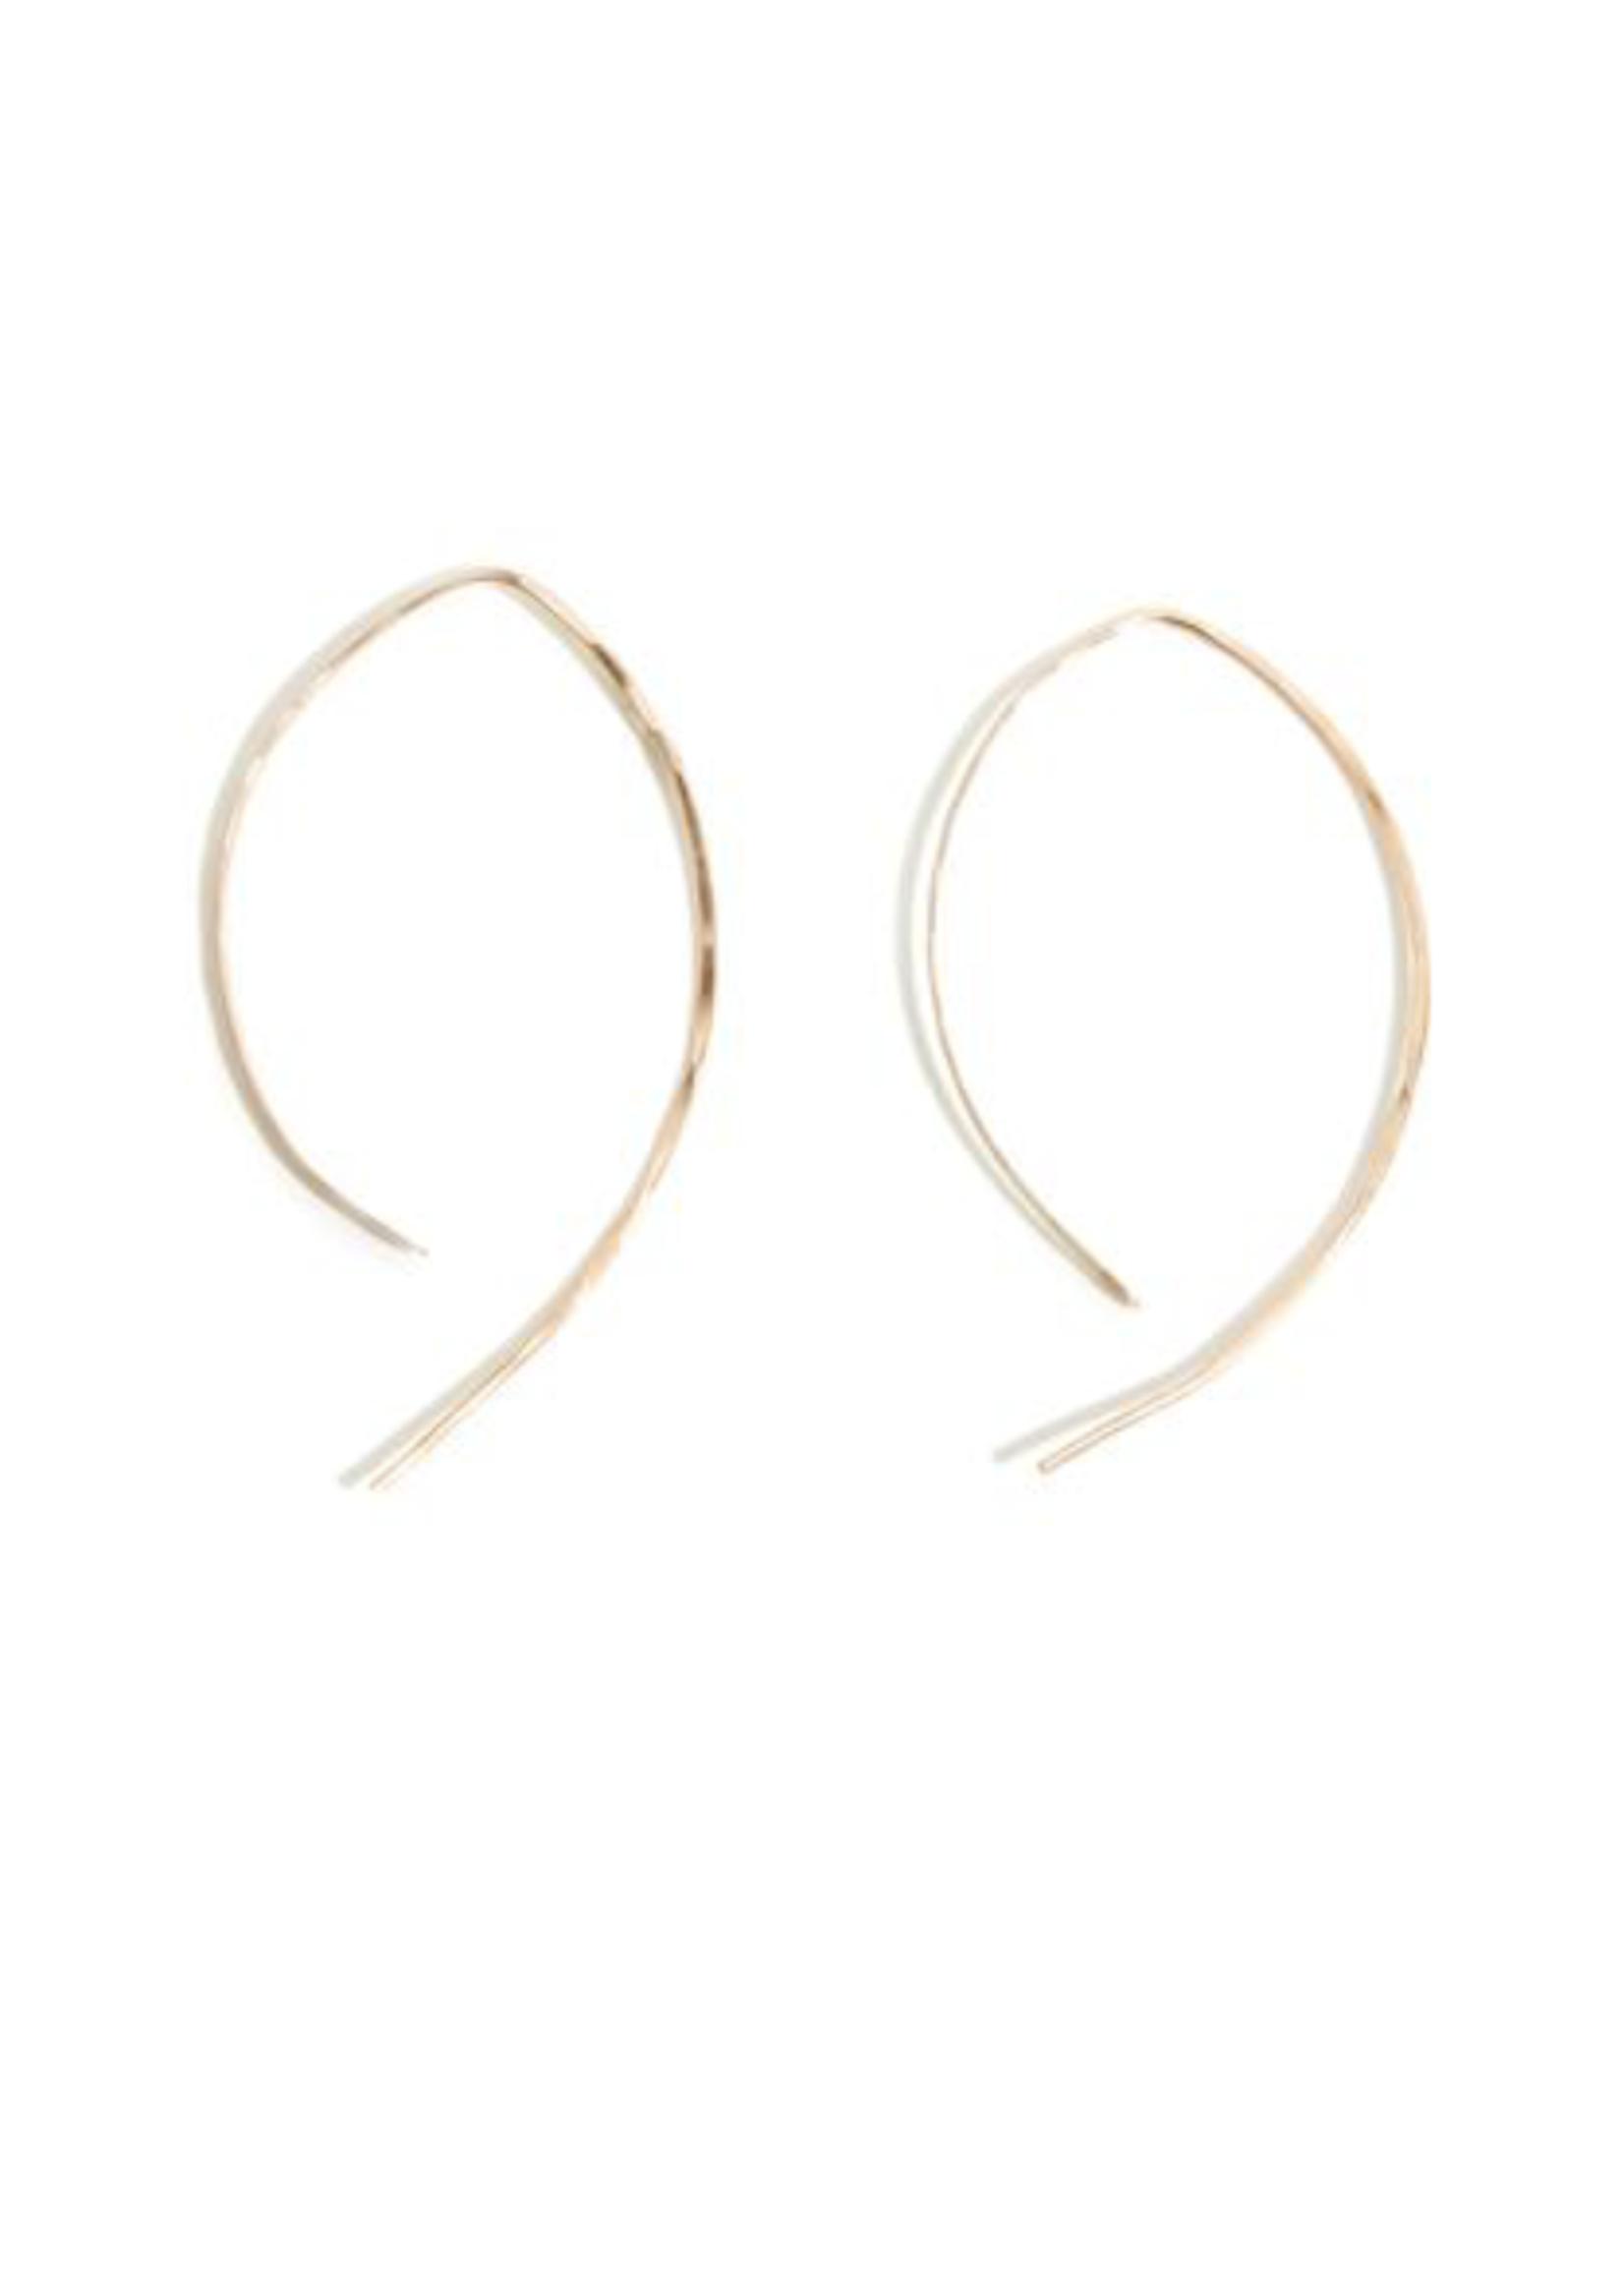 MELISSA JOY MANNING 14K GOLD WISHBONE EARRINGS